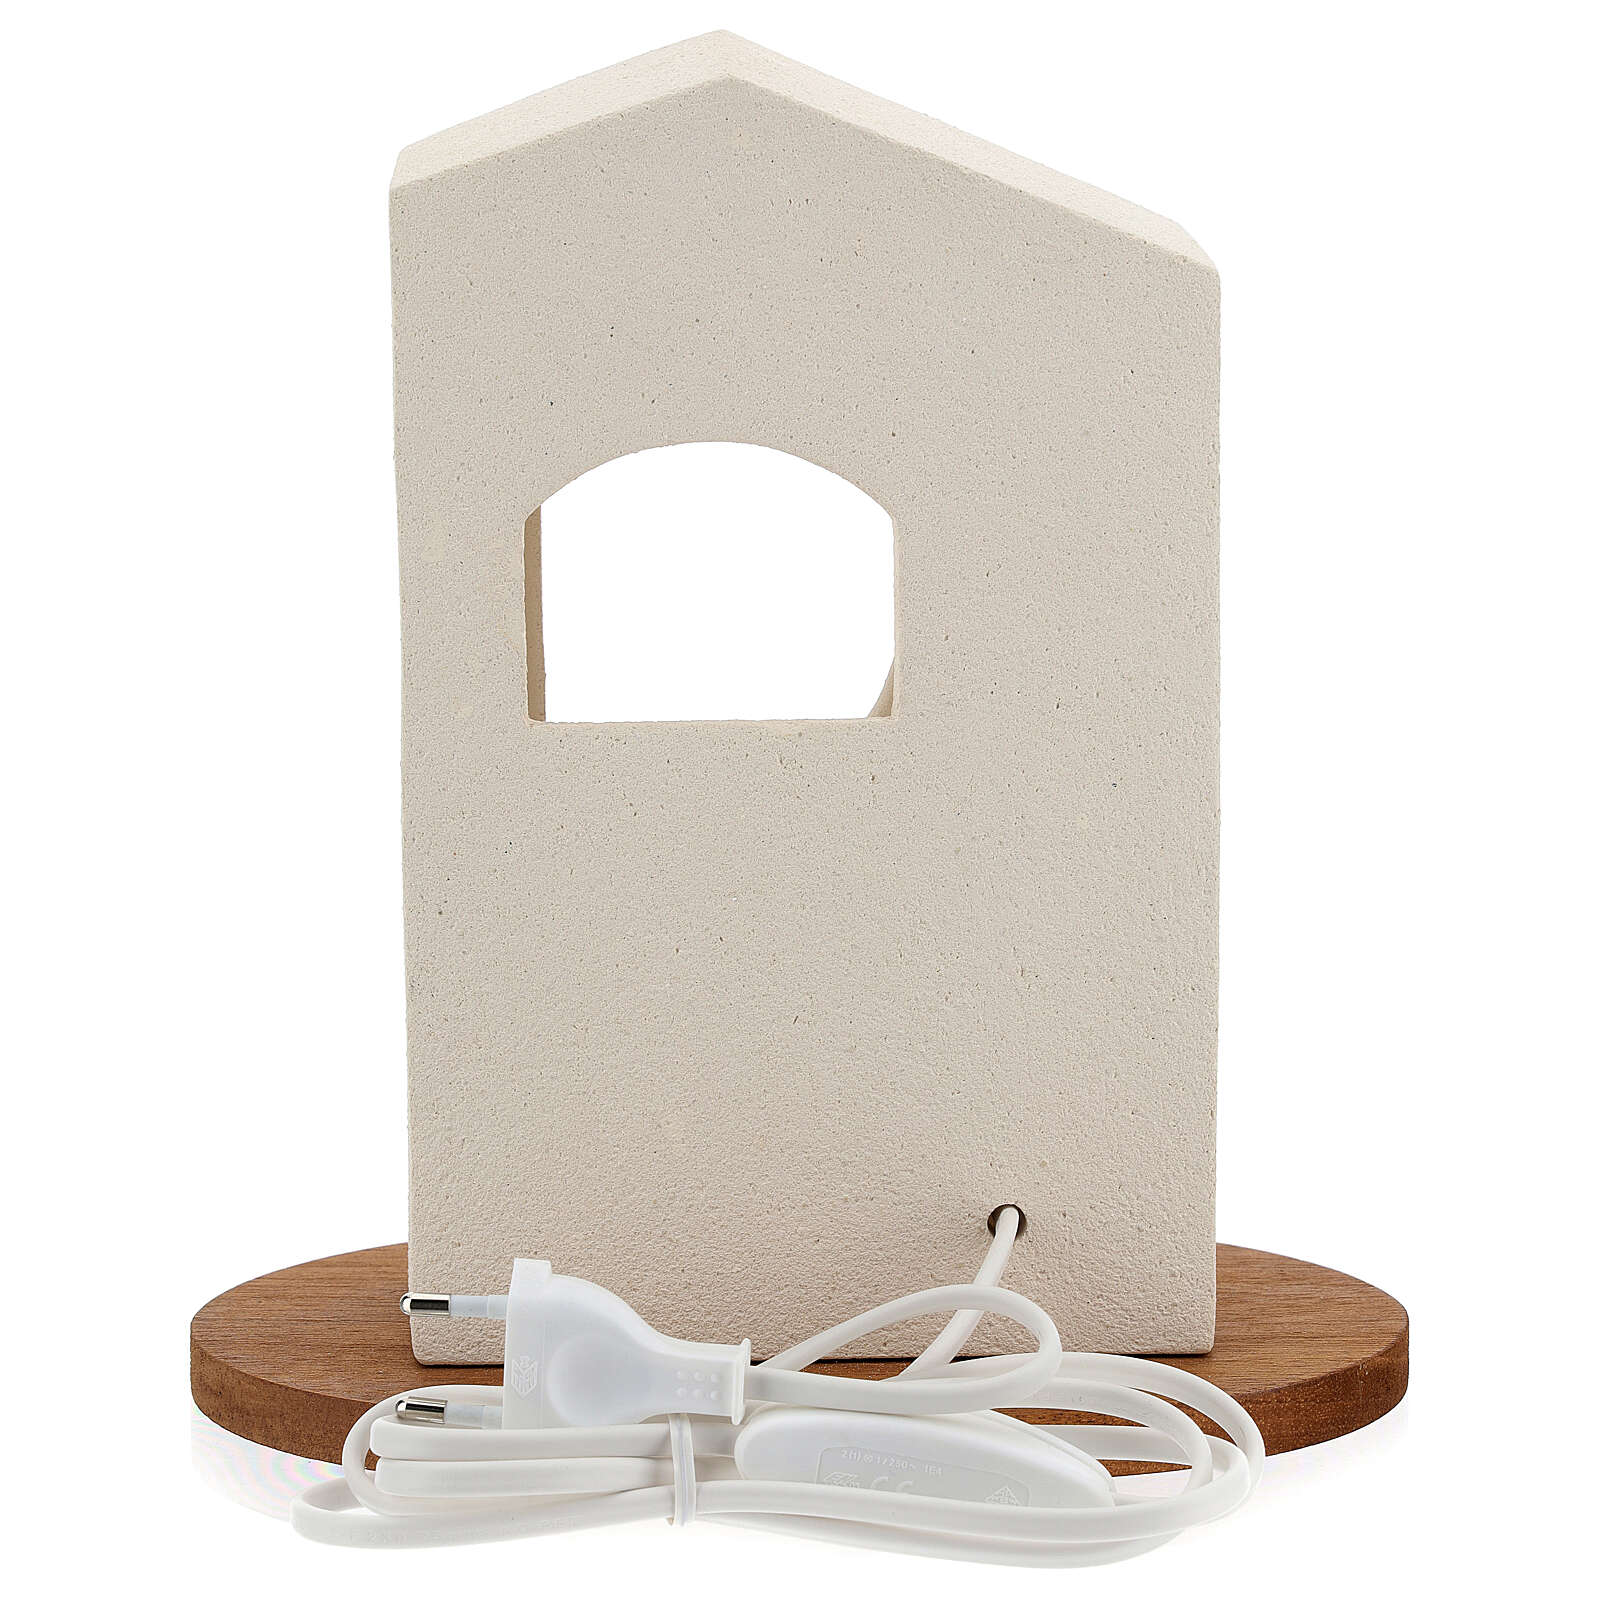 Pesebre de navidad con luz de arcilla blanca H 25,5cm 4